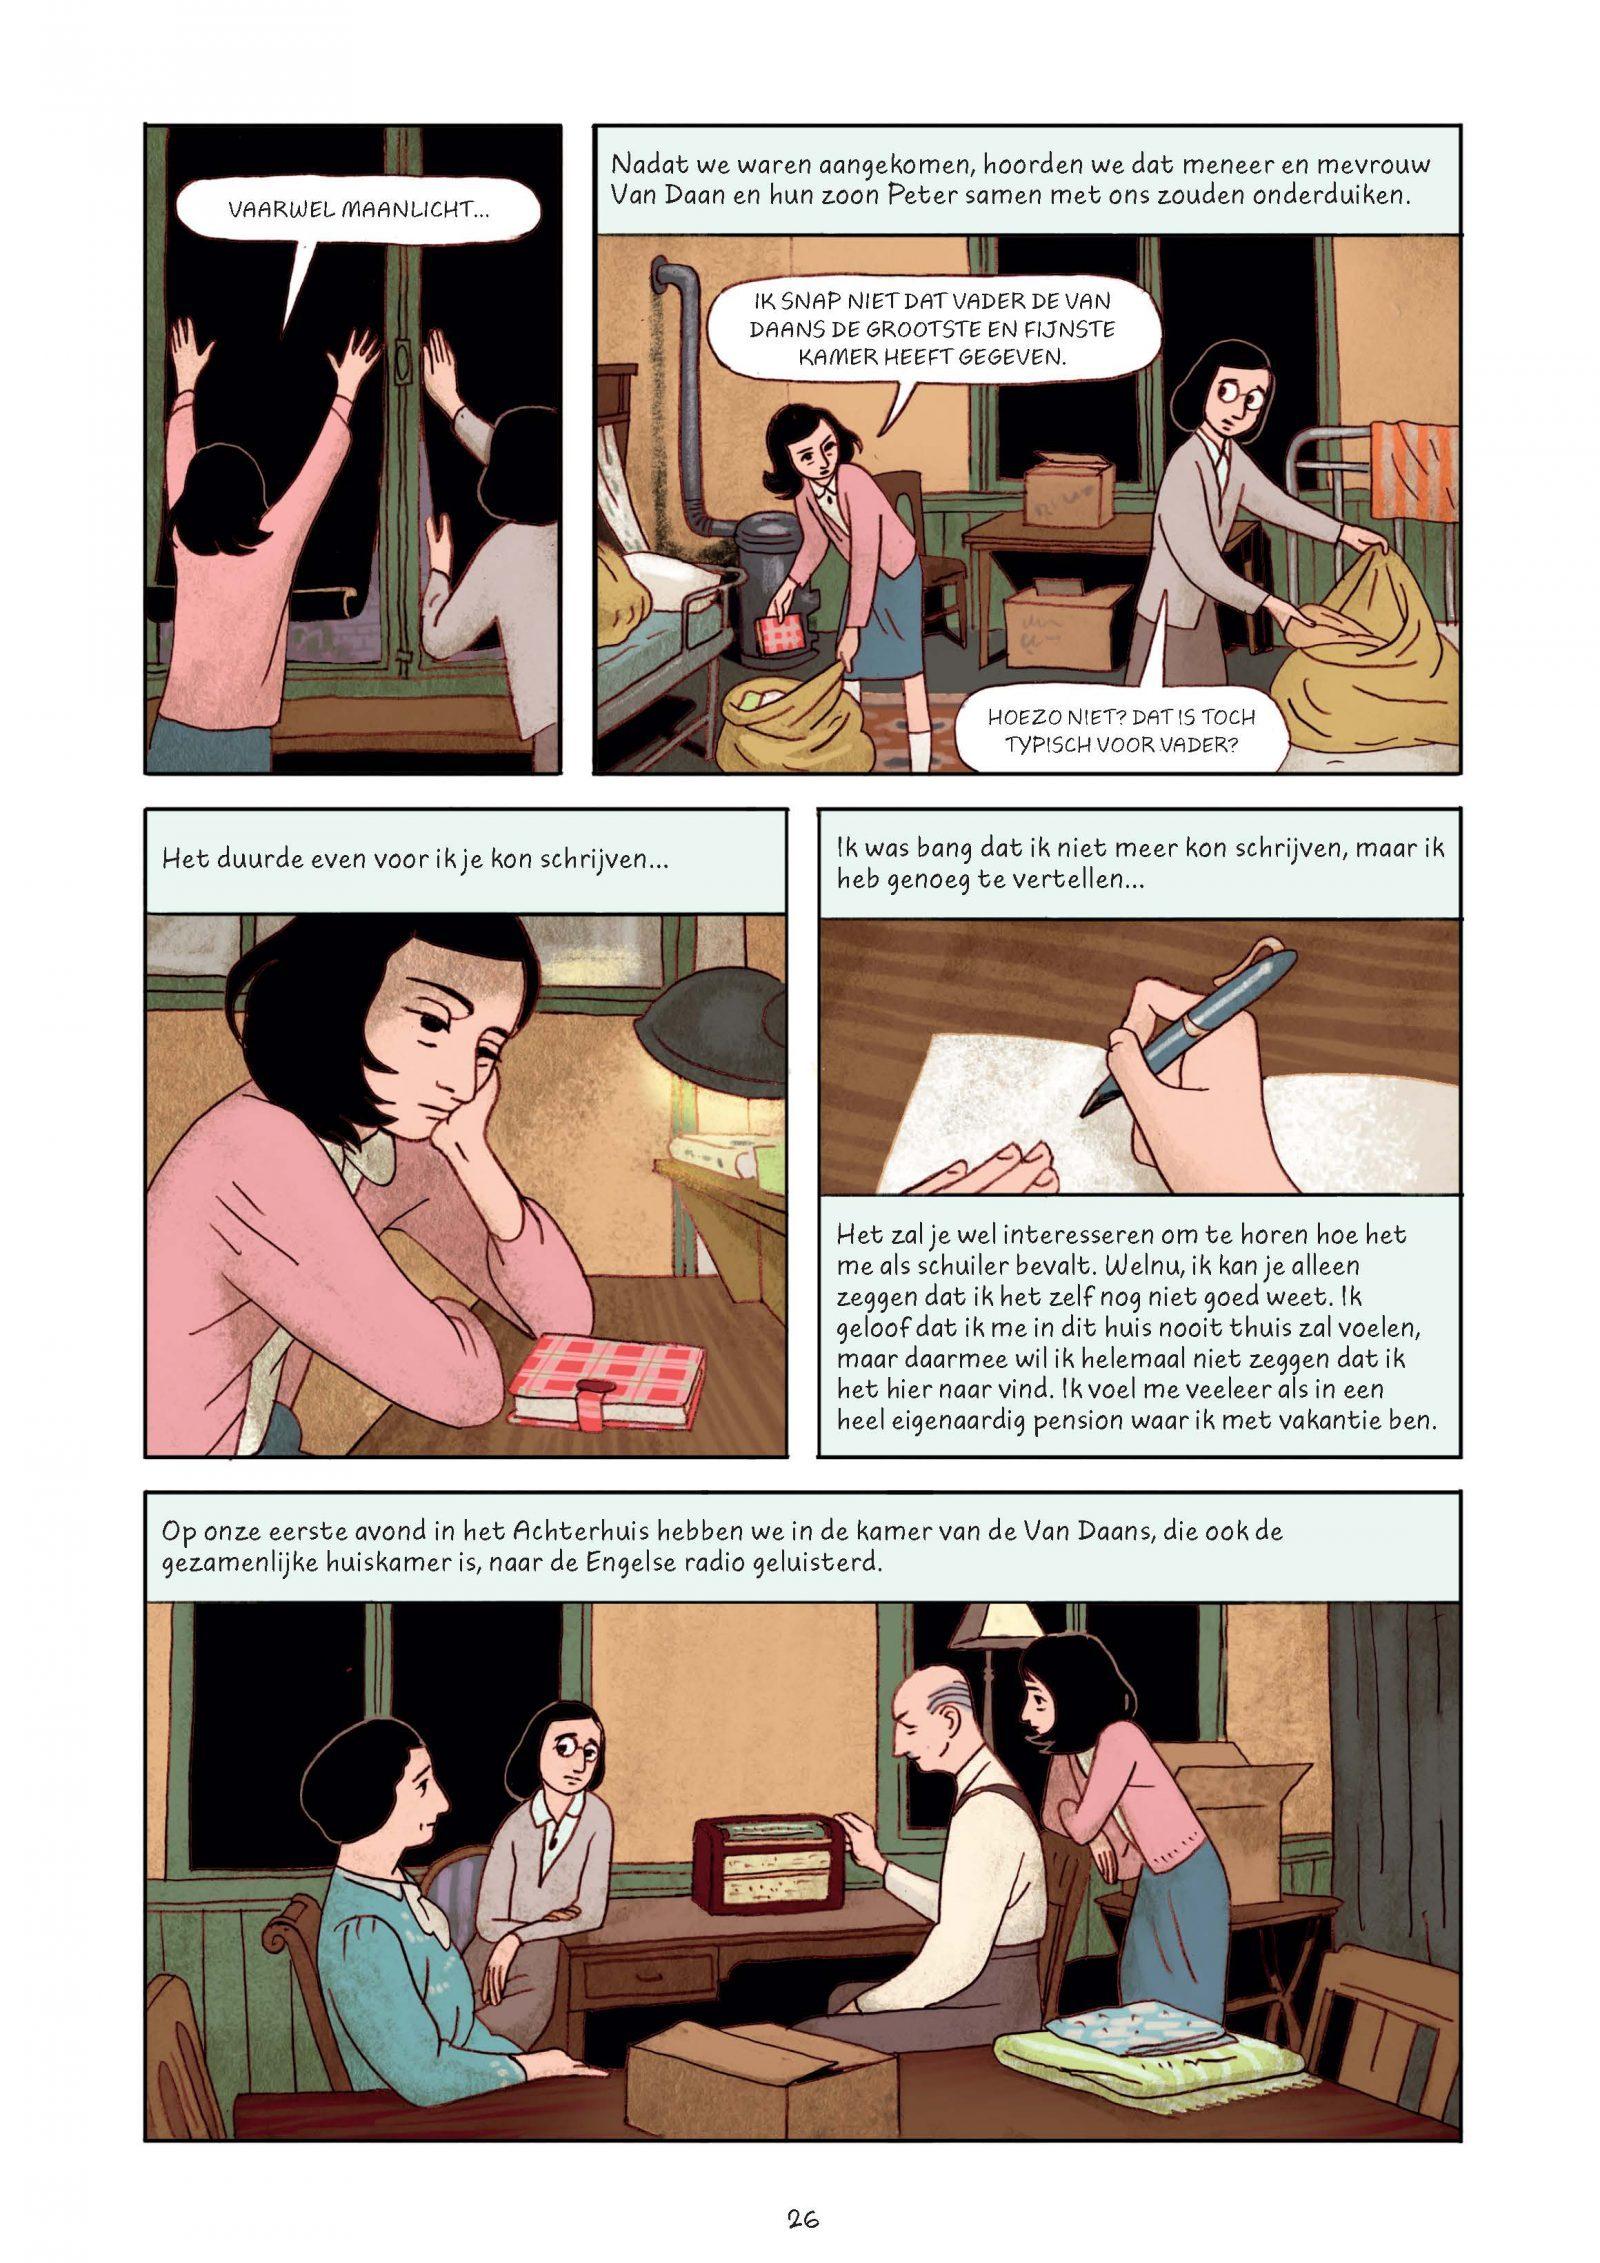 Pagina's van Frank-Het achterhuis_Graphic Novel 2e druk-2.jpg 1